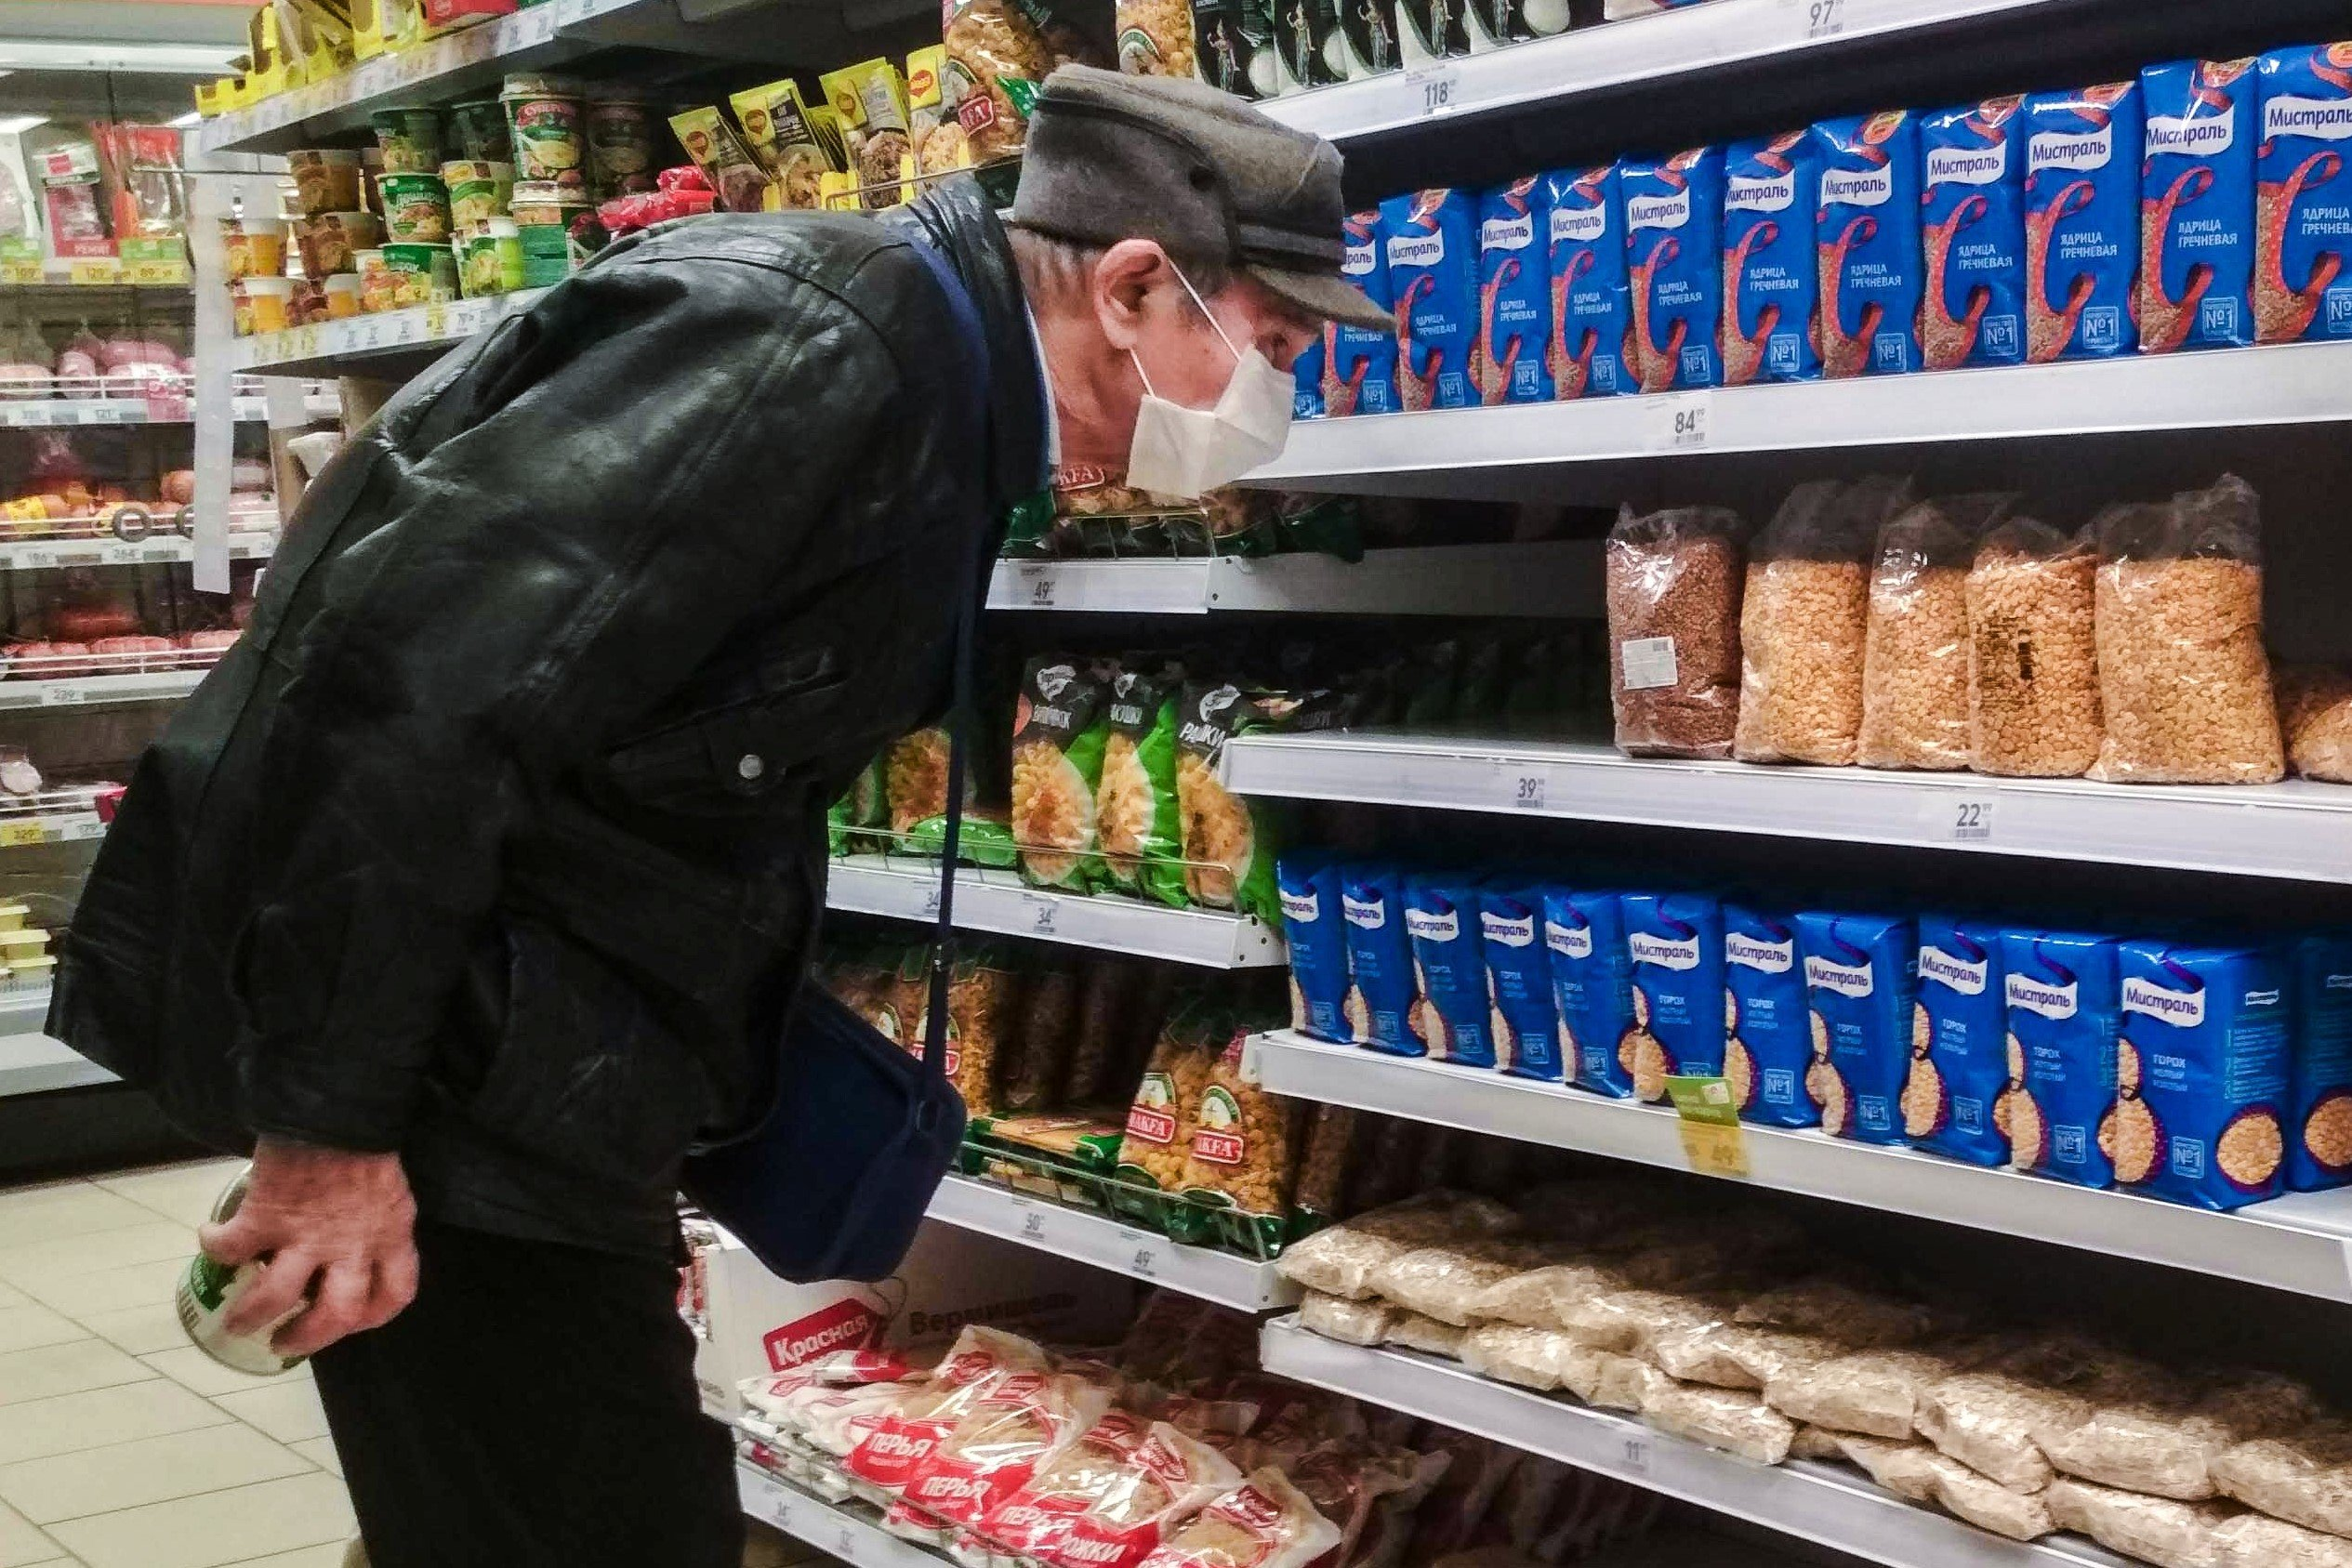 В Минфине считают рост цен на продукты в России результатом высокого спроса - actualnews.ru